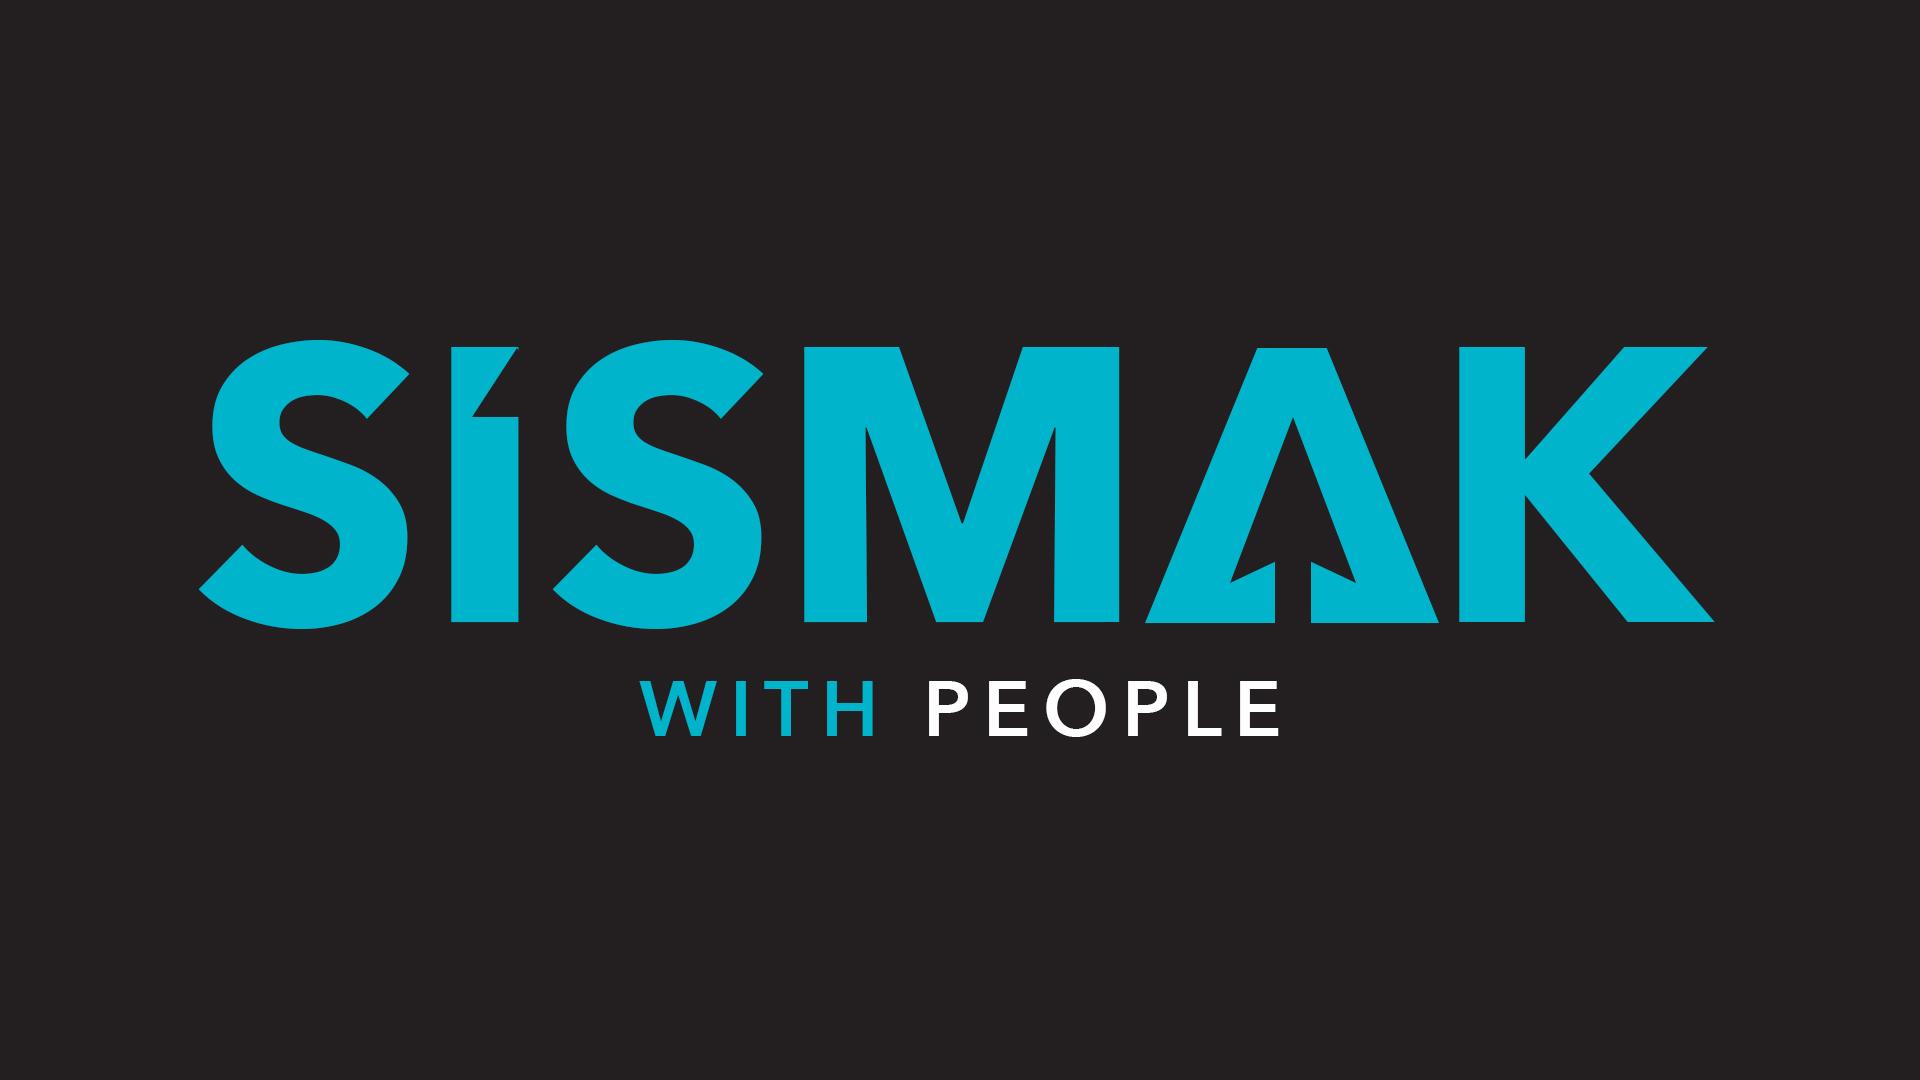 sismak-people